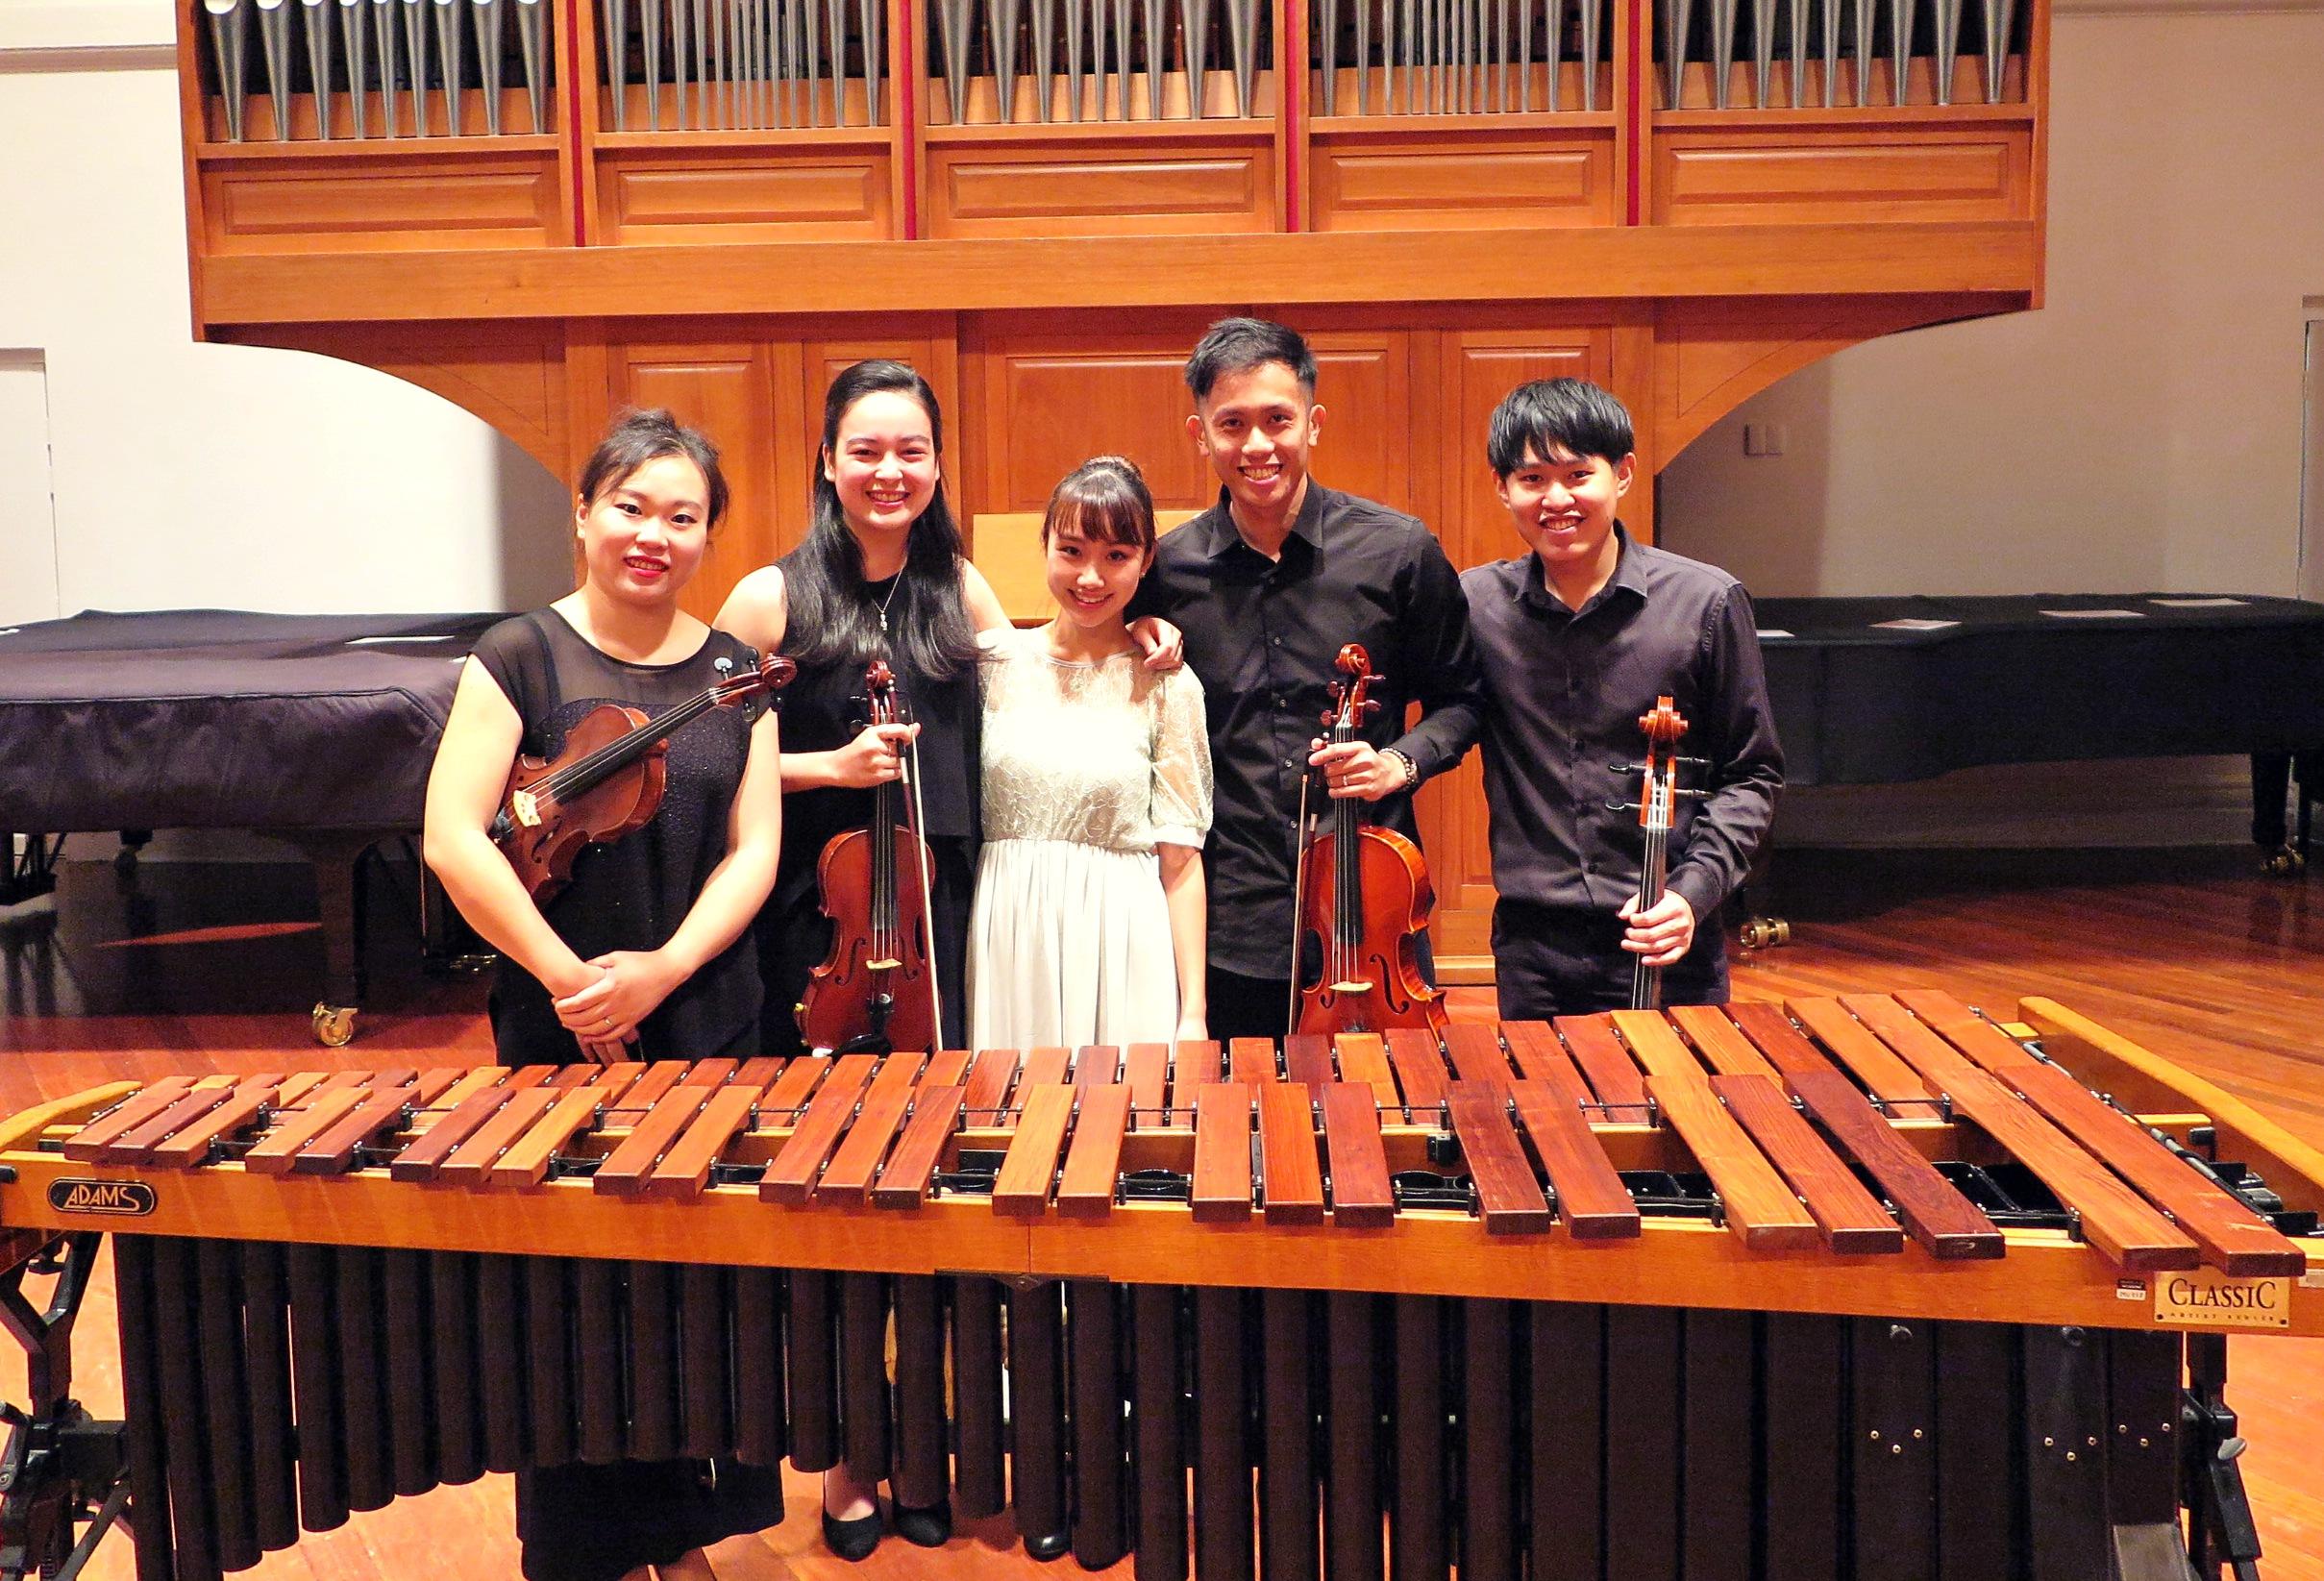 Marimba Solo and Quintet Recital